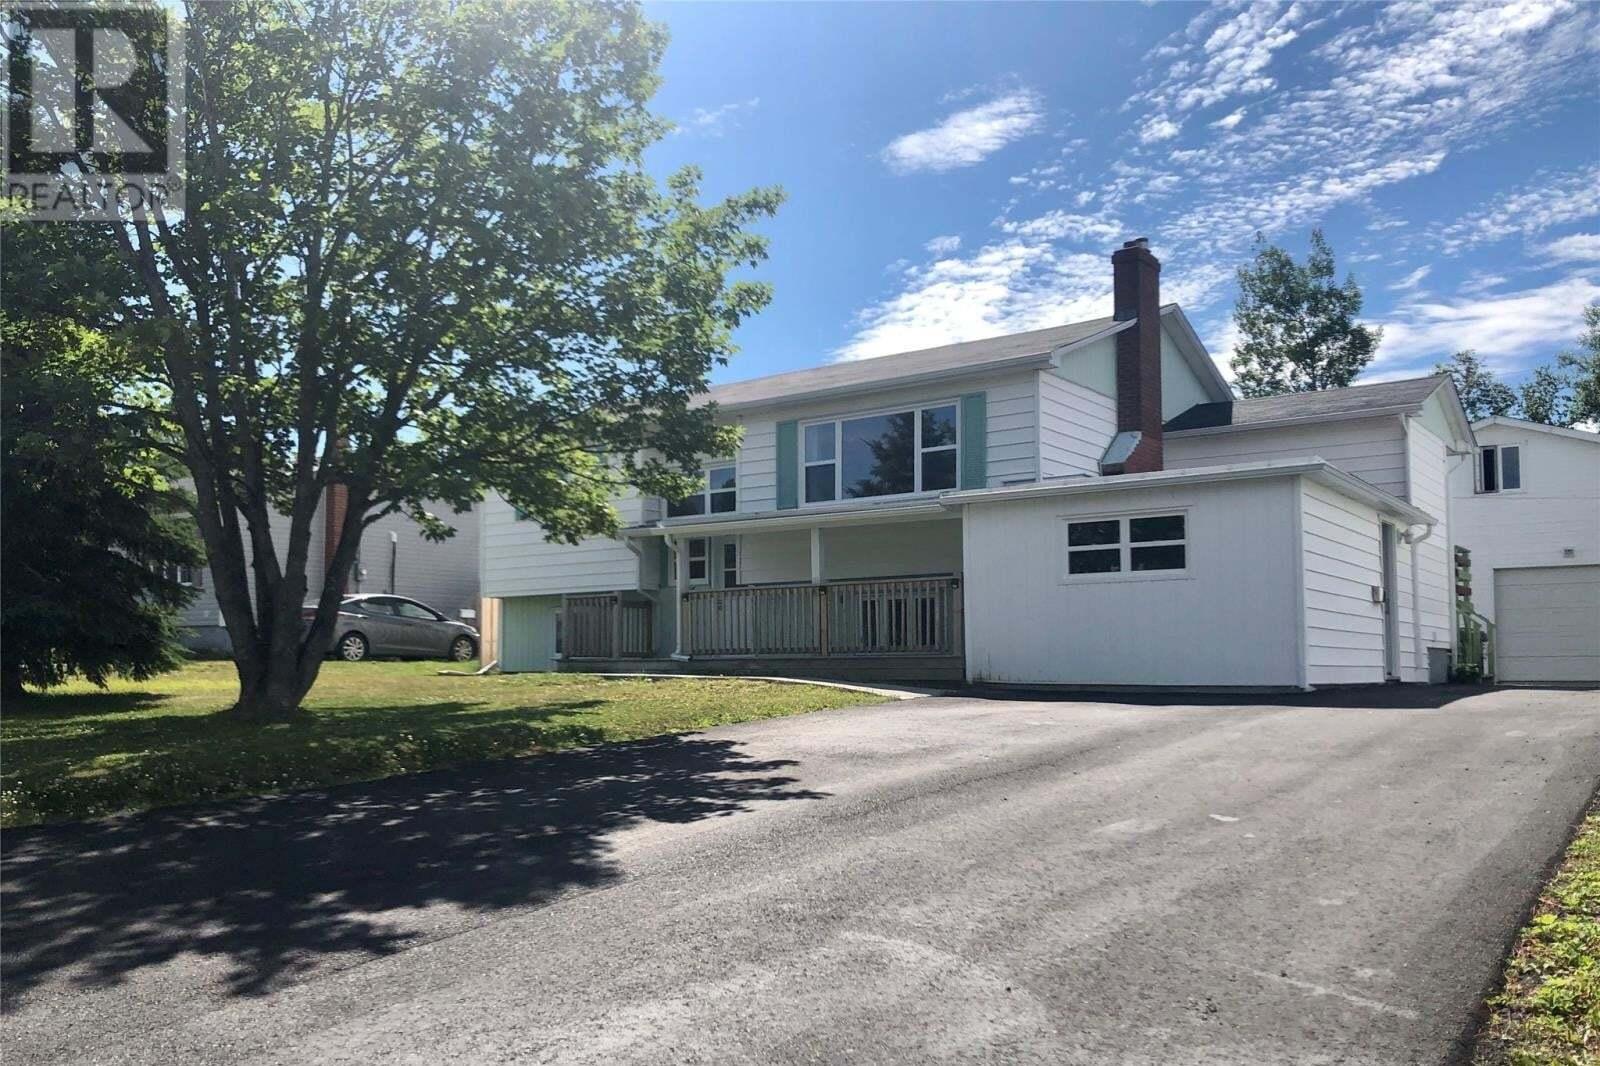 House for sale at 35 Grandy Ave Gander Newfoundland - MLS: 1218115